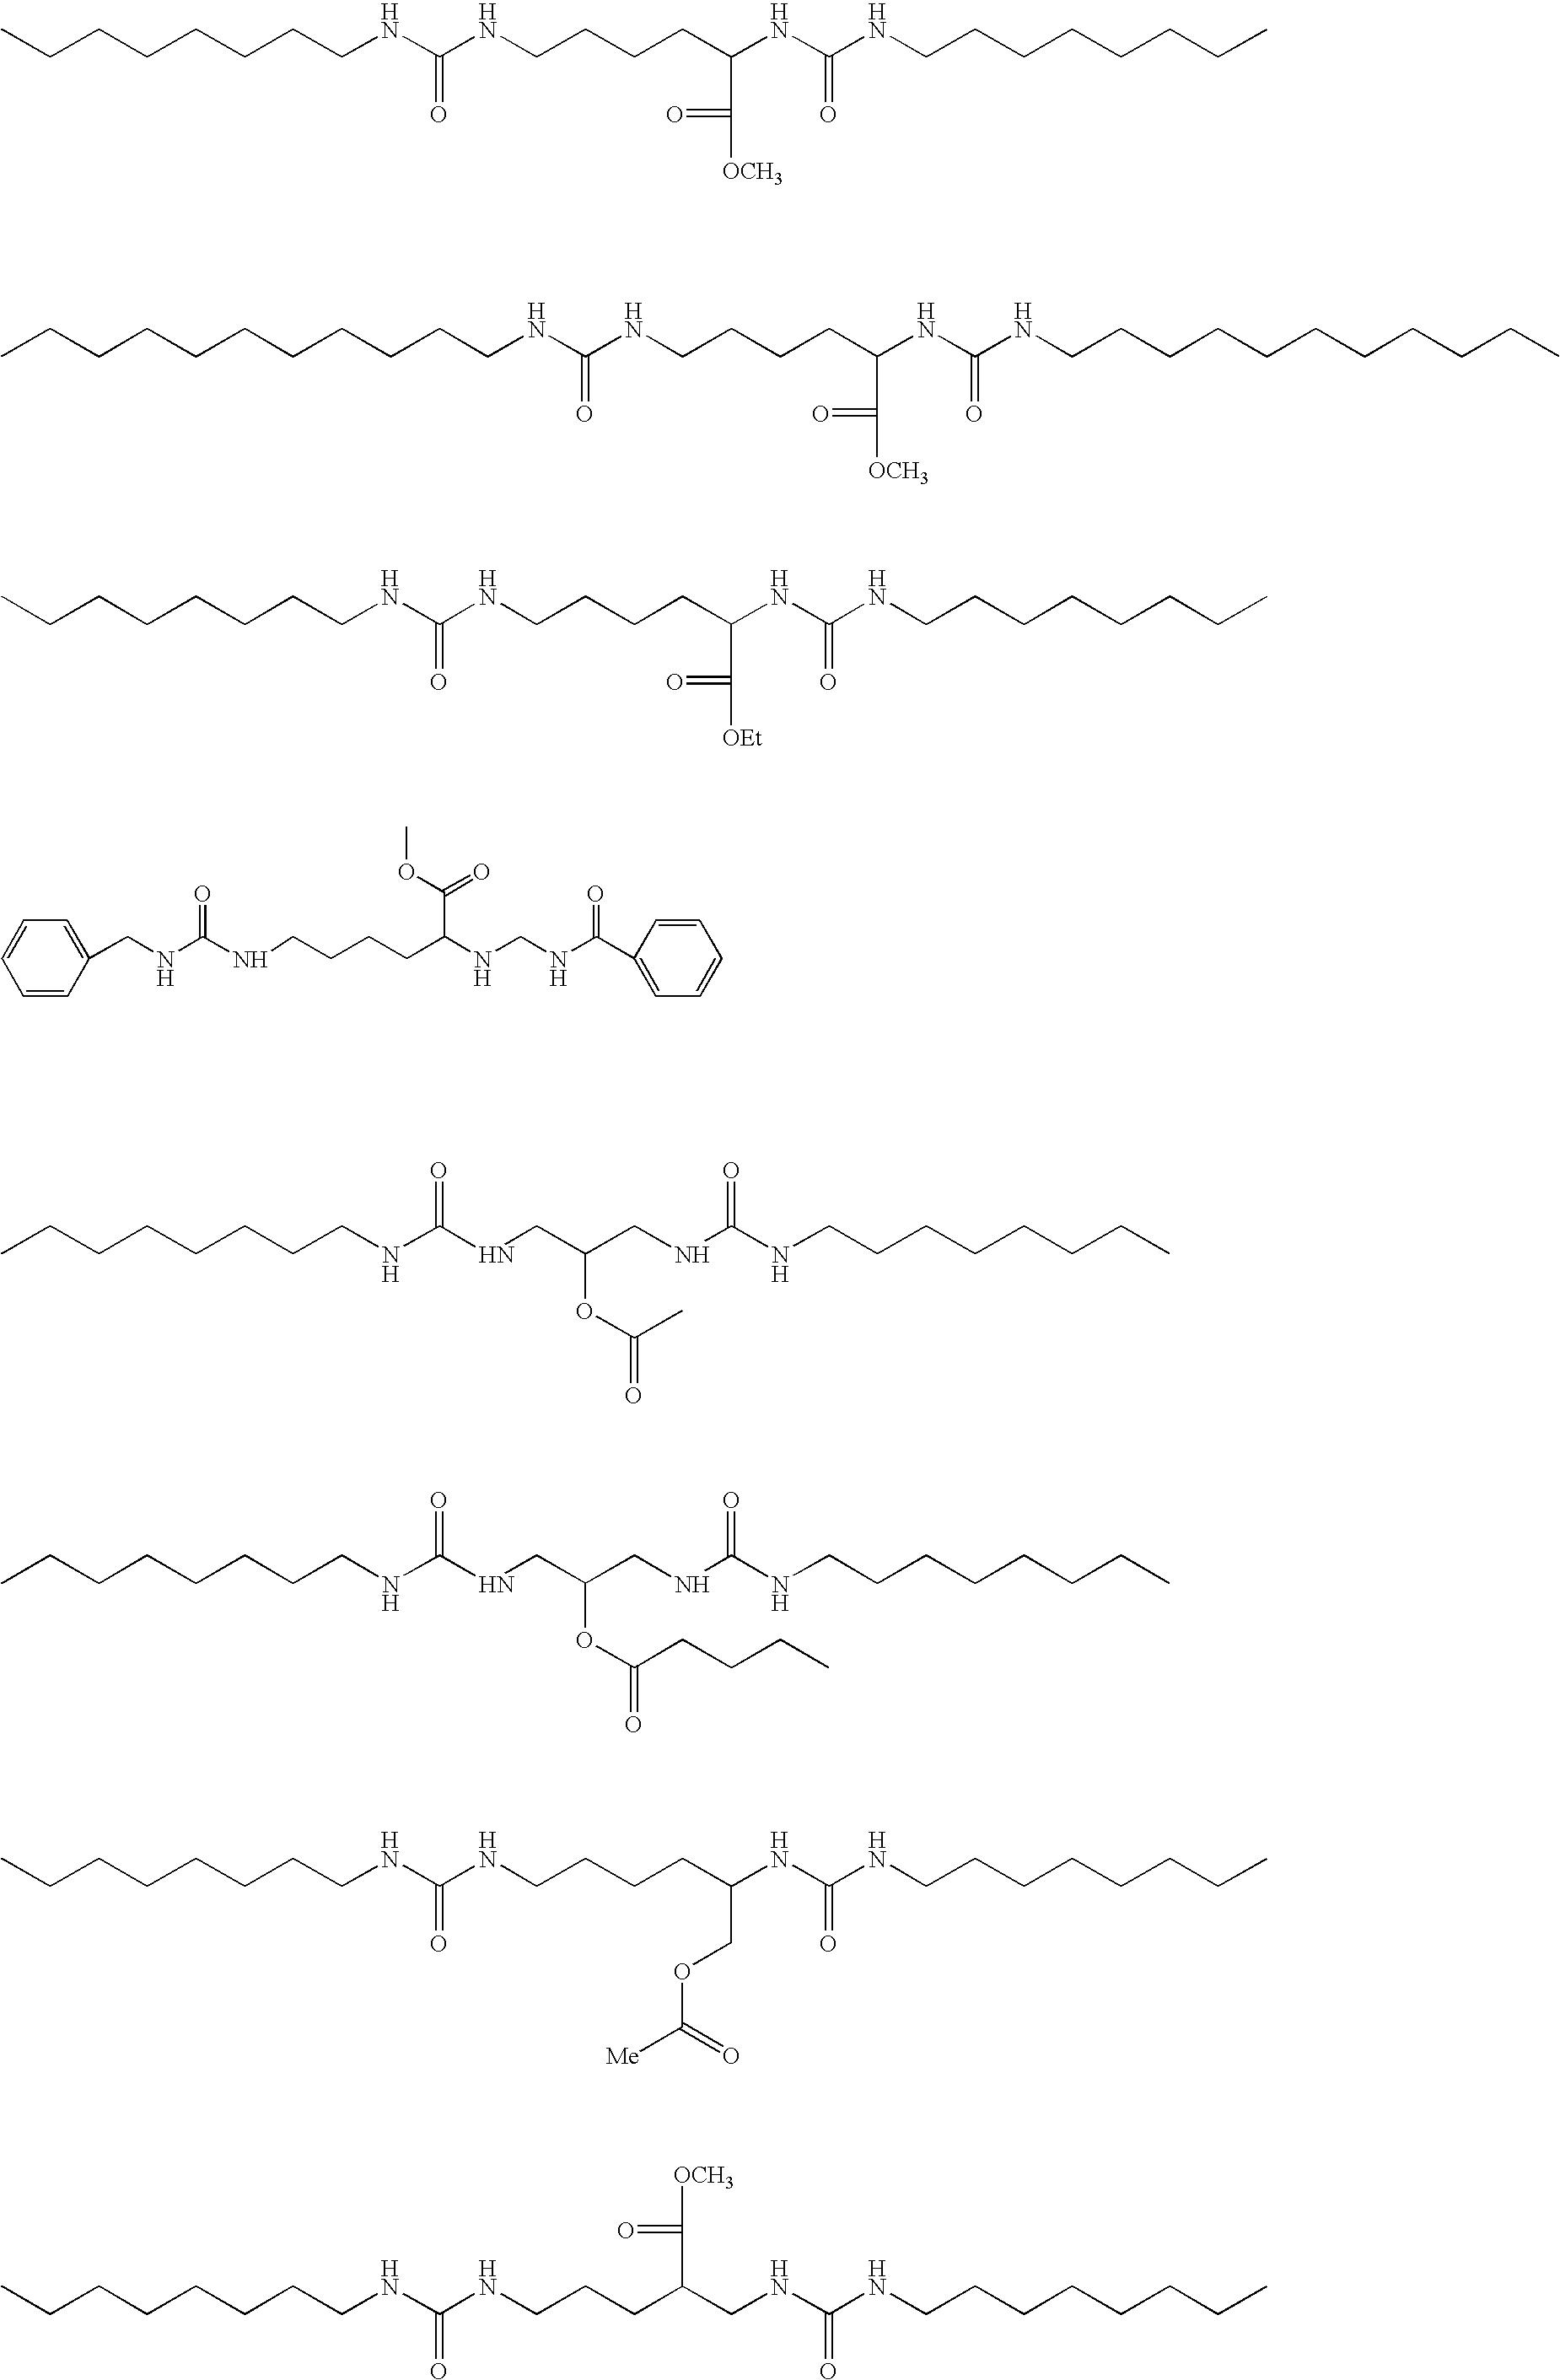 Figure US20060155021A1-20060713-C00031